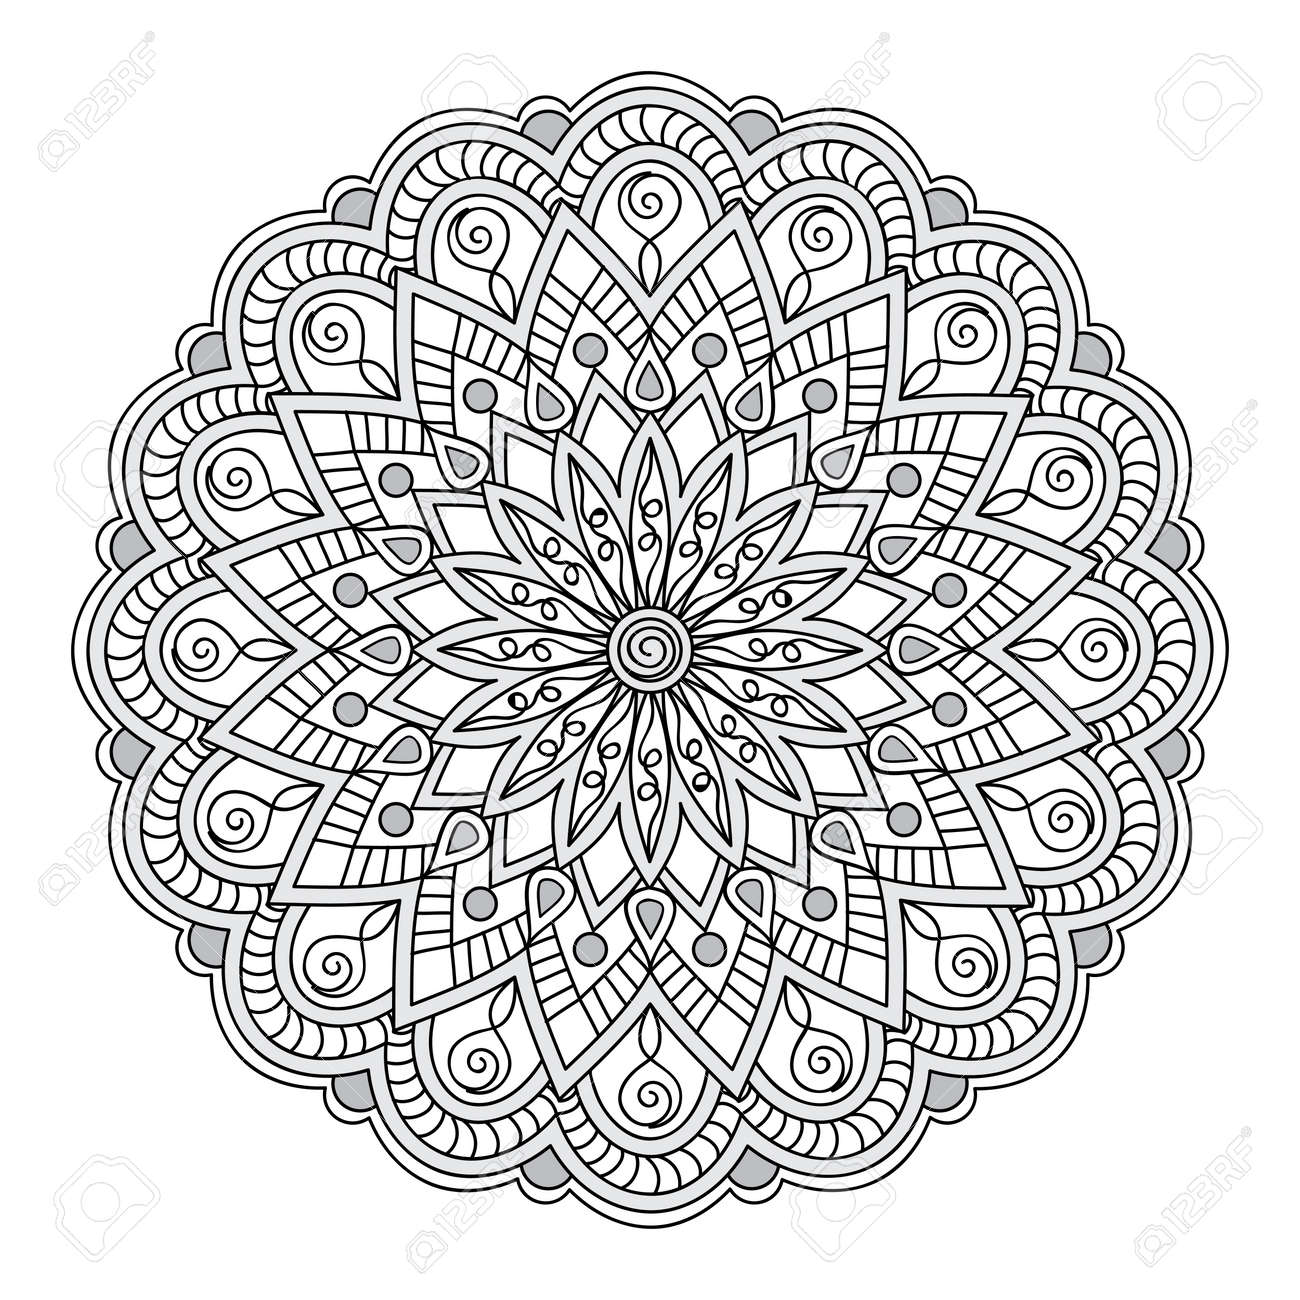 Hand Drawn Mandala Decore Photo Pour Adultes Et Enfants A Colorier Livres Pages Tatouage Pour Les Plats Decorer Tasses Porcelaine